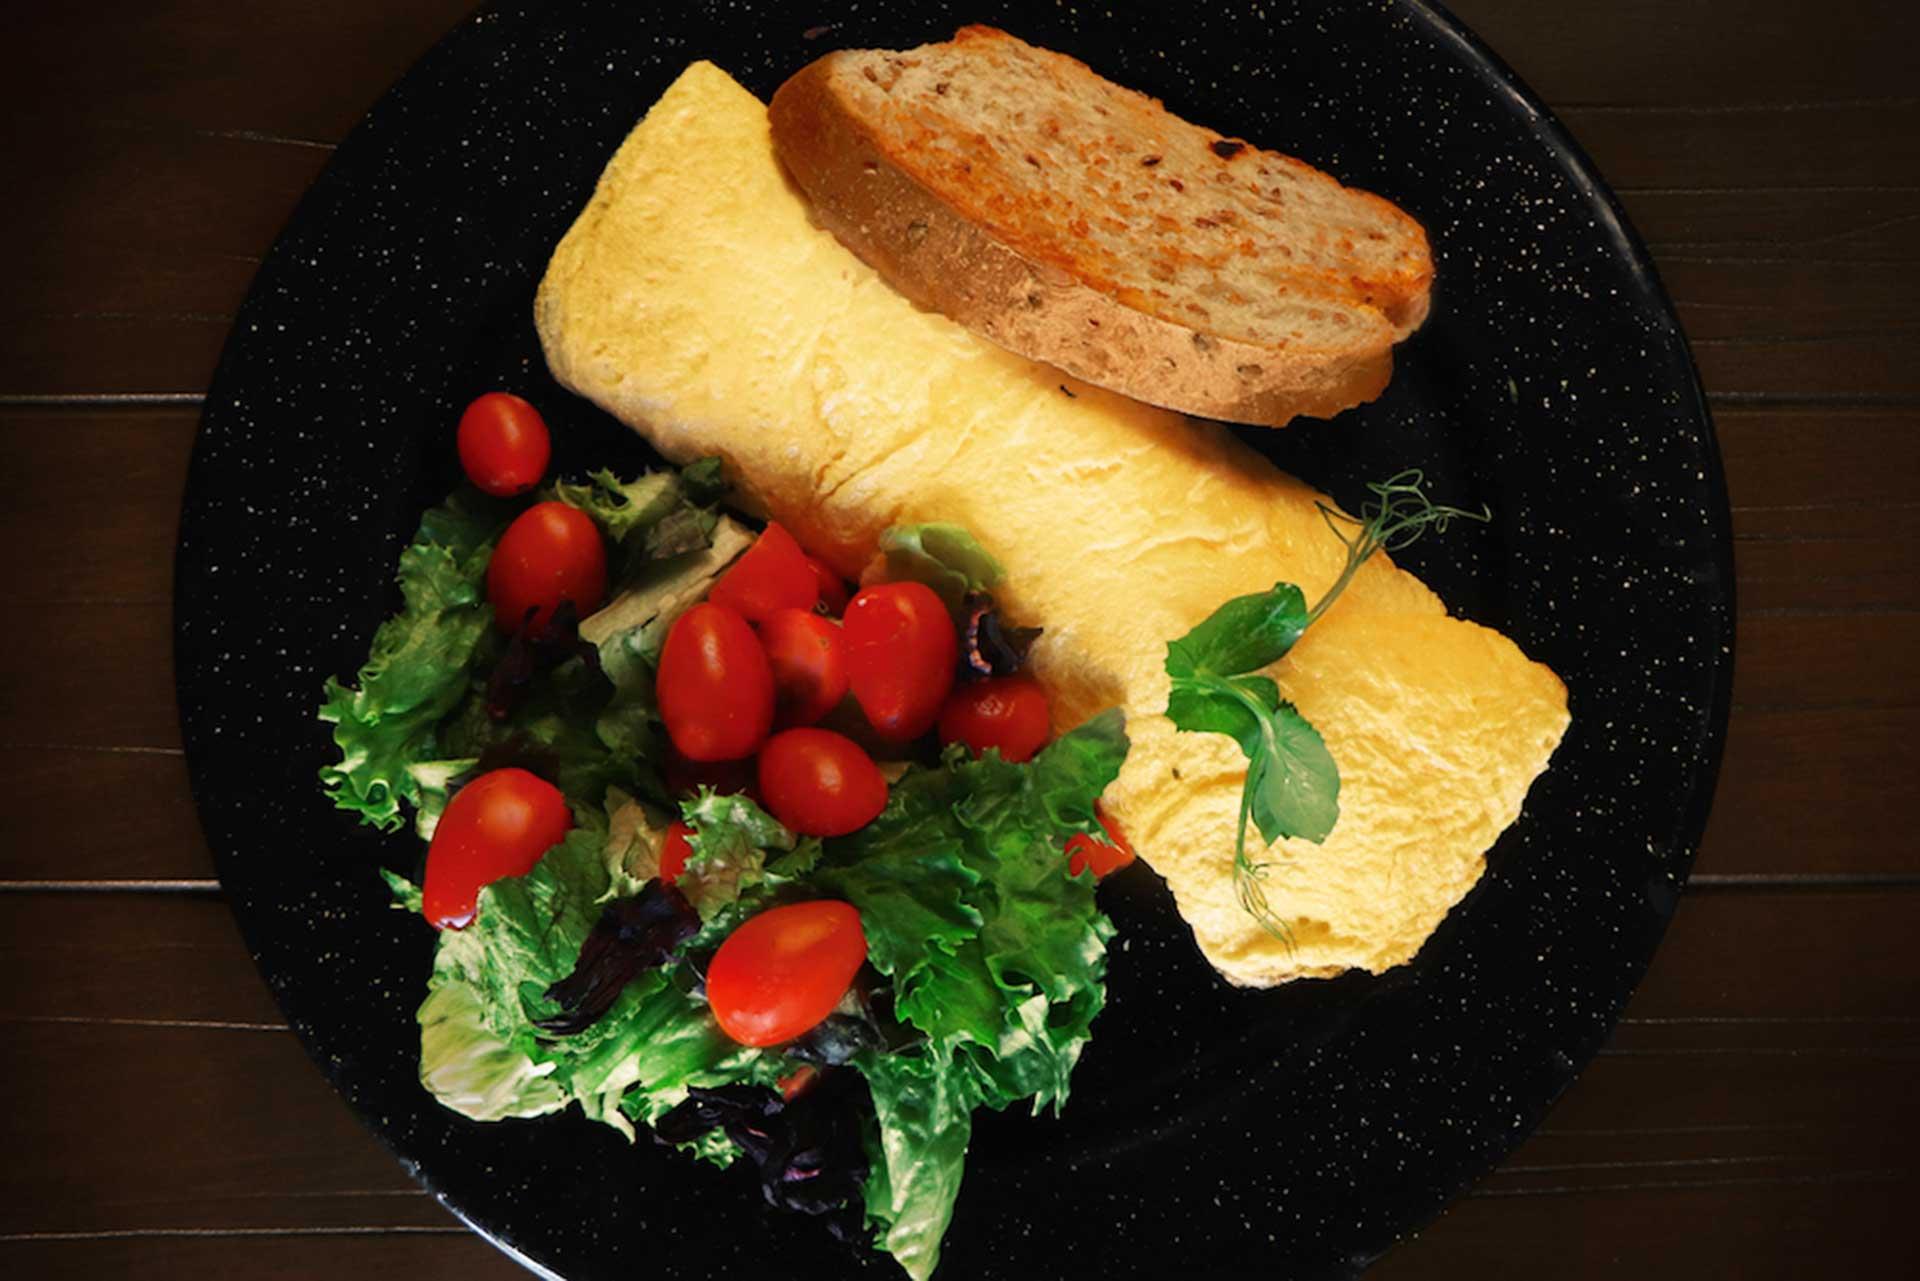 Comida saludable a casa